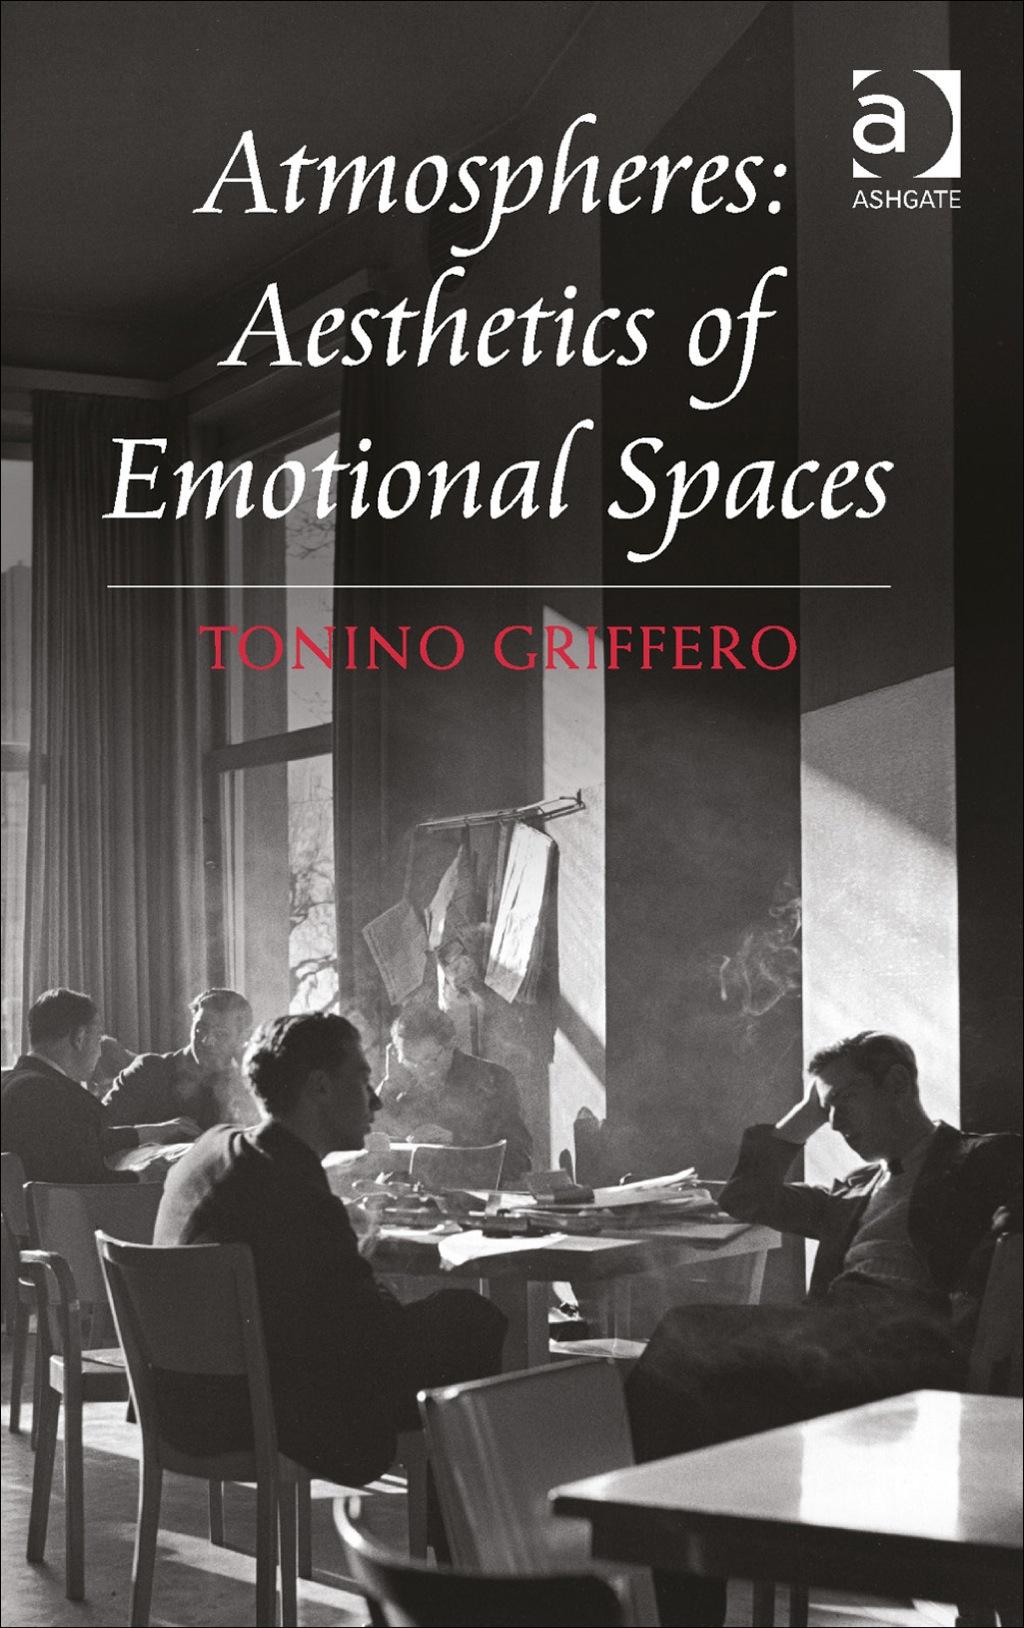 Atmospheres: Aesthetics of Emotional Spaces (eBook Rental)